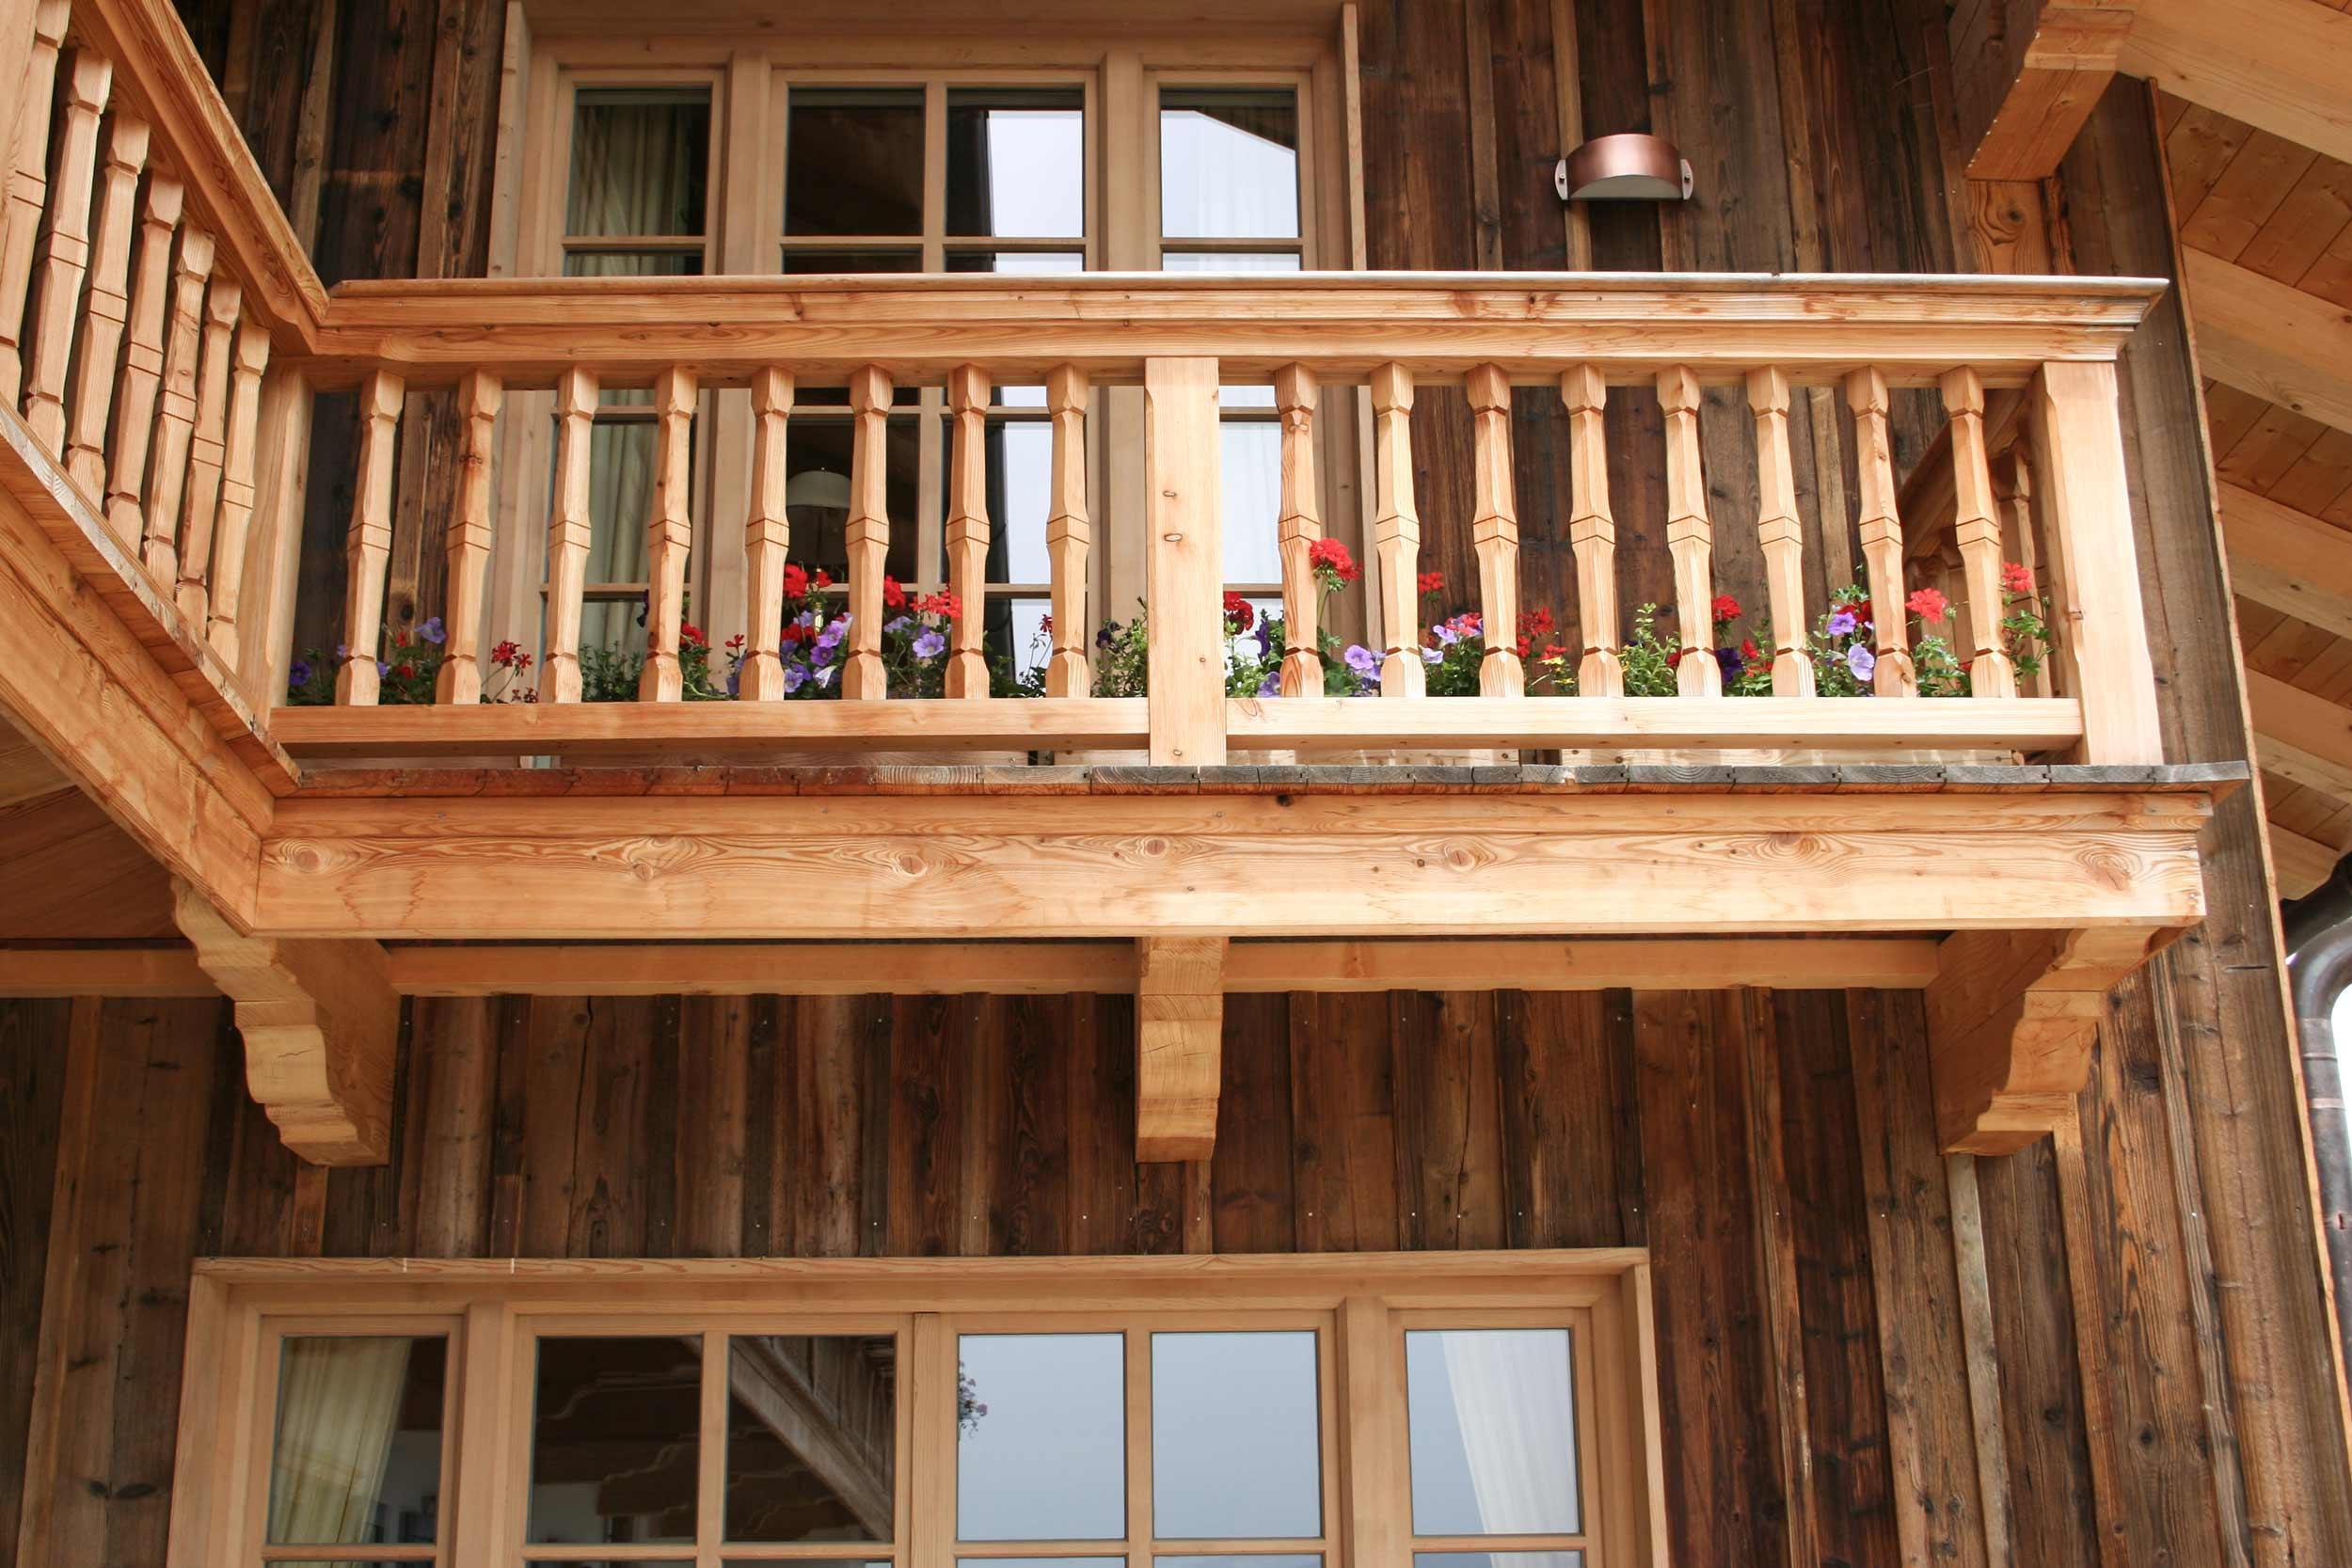 zimmerei-stoib-holzbau-holzhaus-bauernhof-umbau-sanierung-hof-balkon-fensterläden-schindeldach-04.jpg